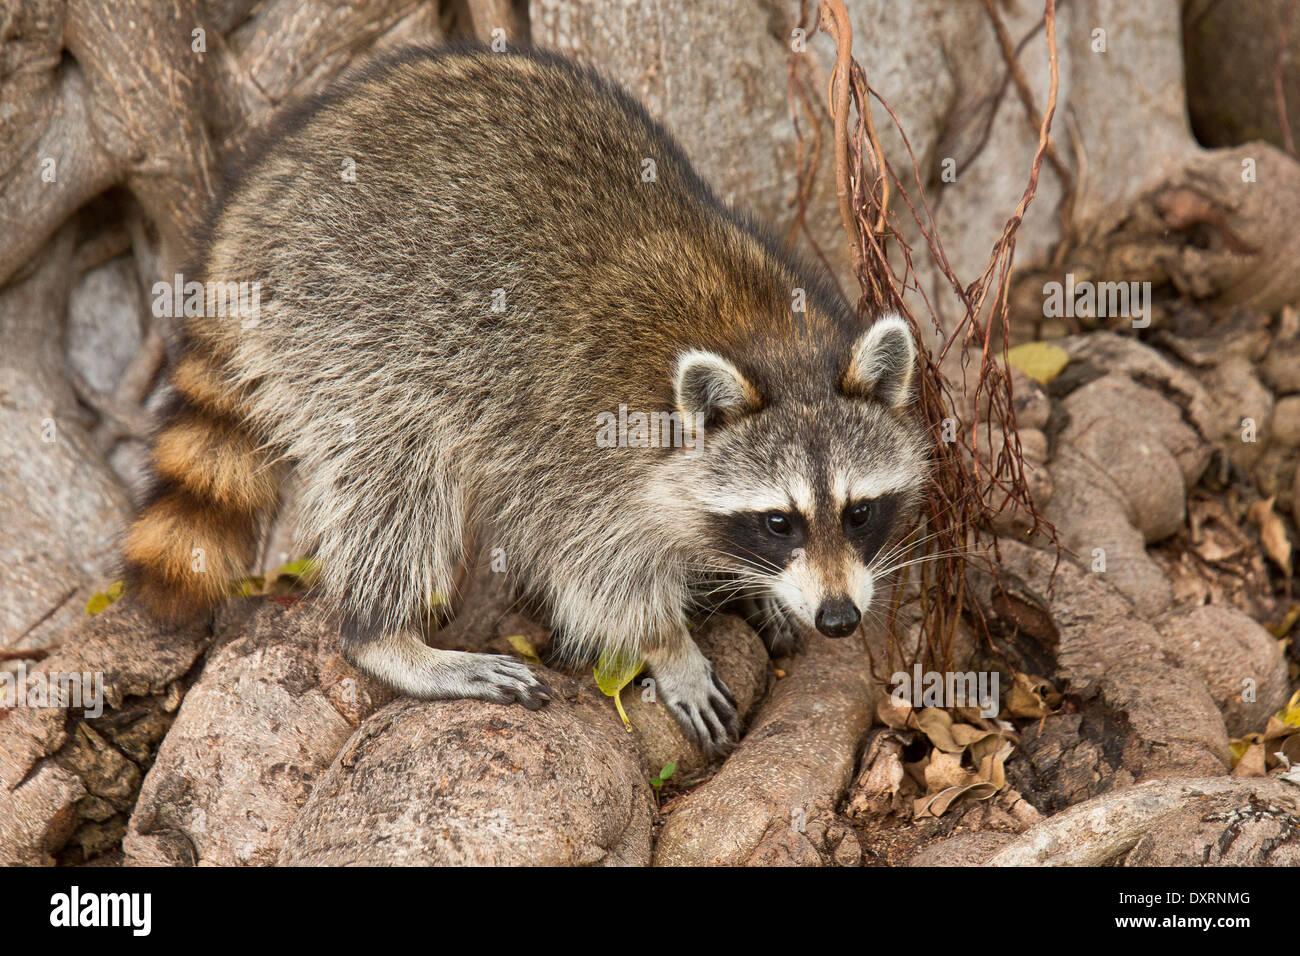 Procione o racoon, Procione lotor alla ricerca di cibo tra le radici di albero; Everglades, Florida. Immagini Stock